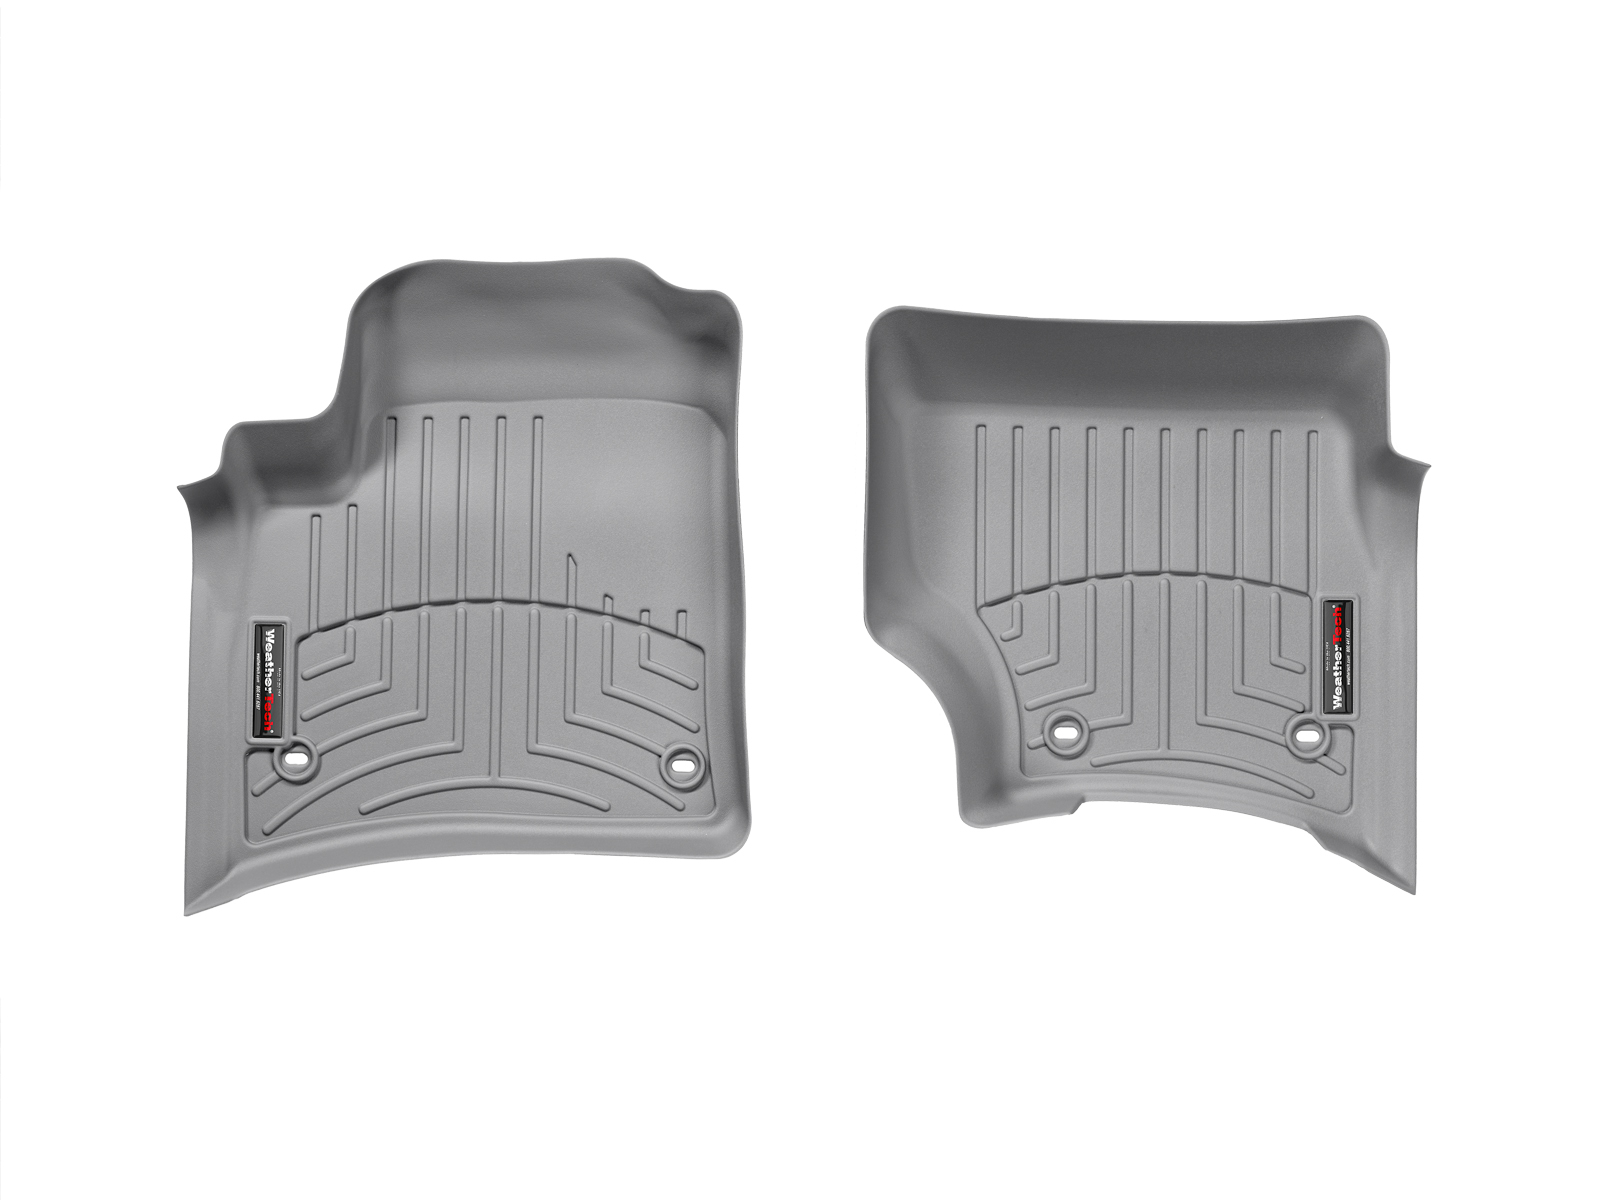 Tappeti gomma su misura bordo alto Volkswagen Touareg 02>06 Grigio A4277*